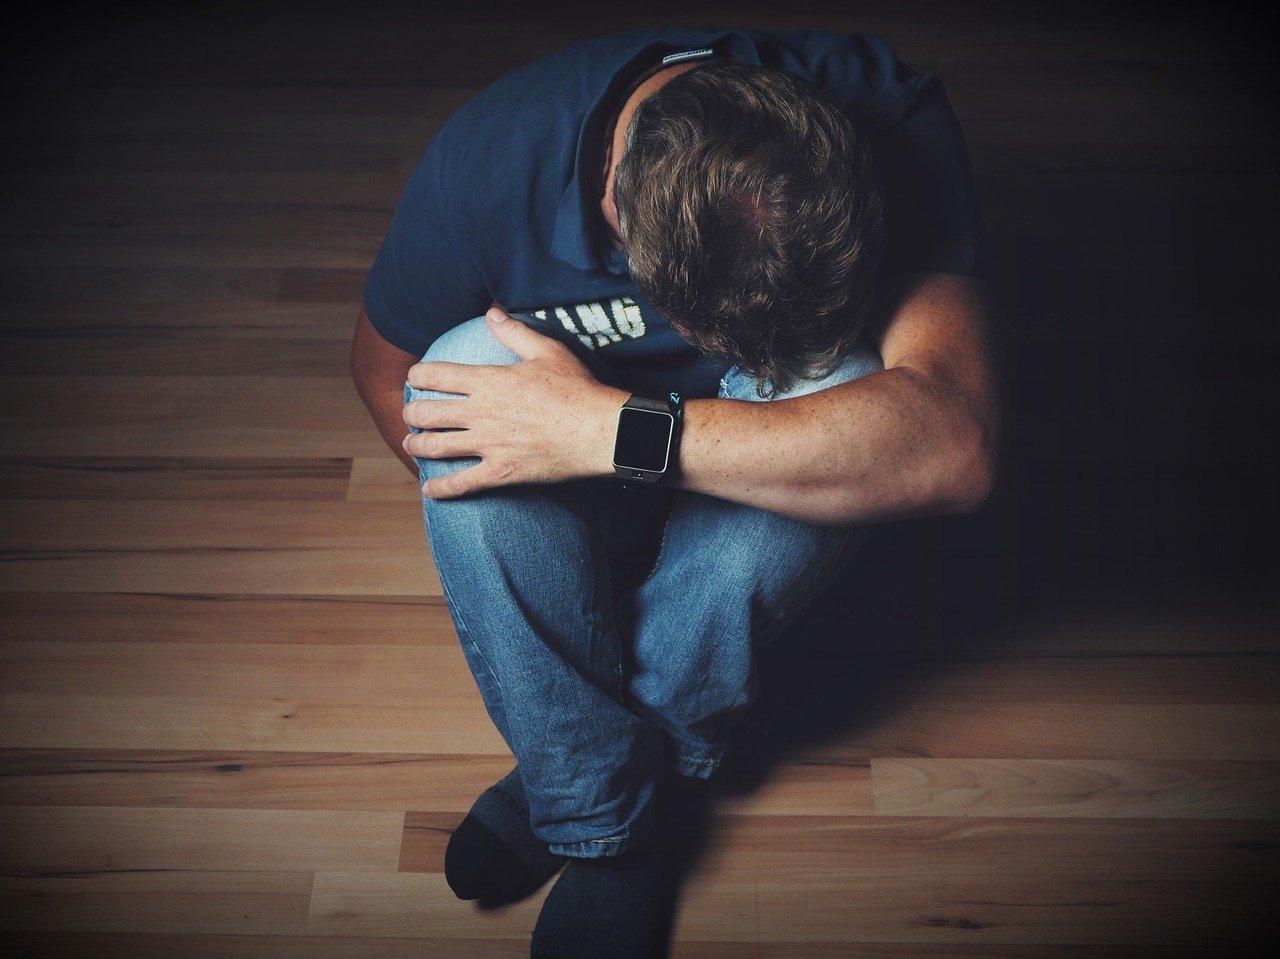 man, depressed, sitting